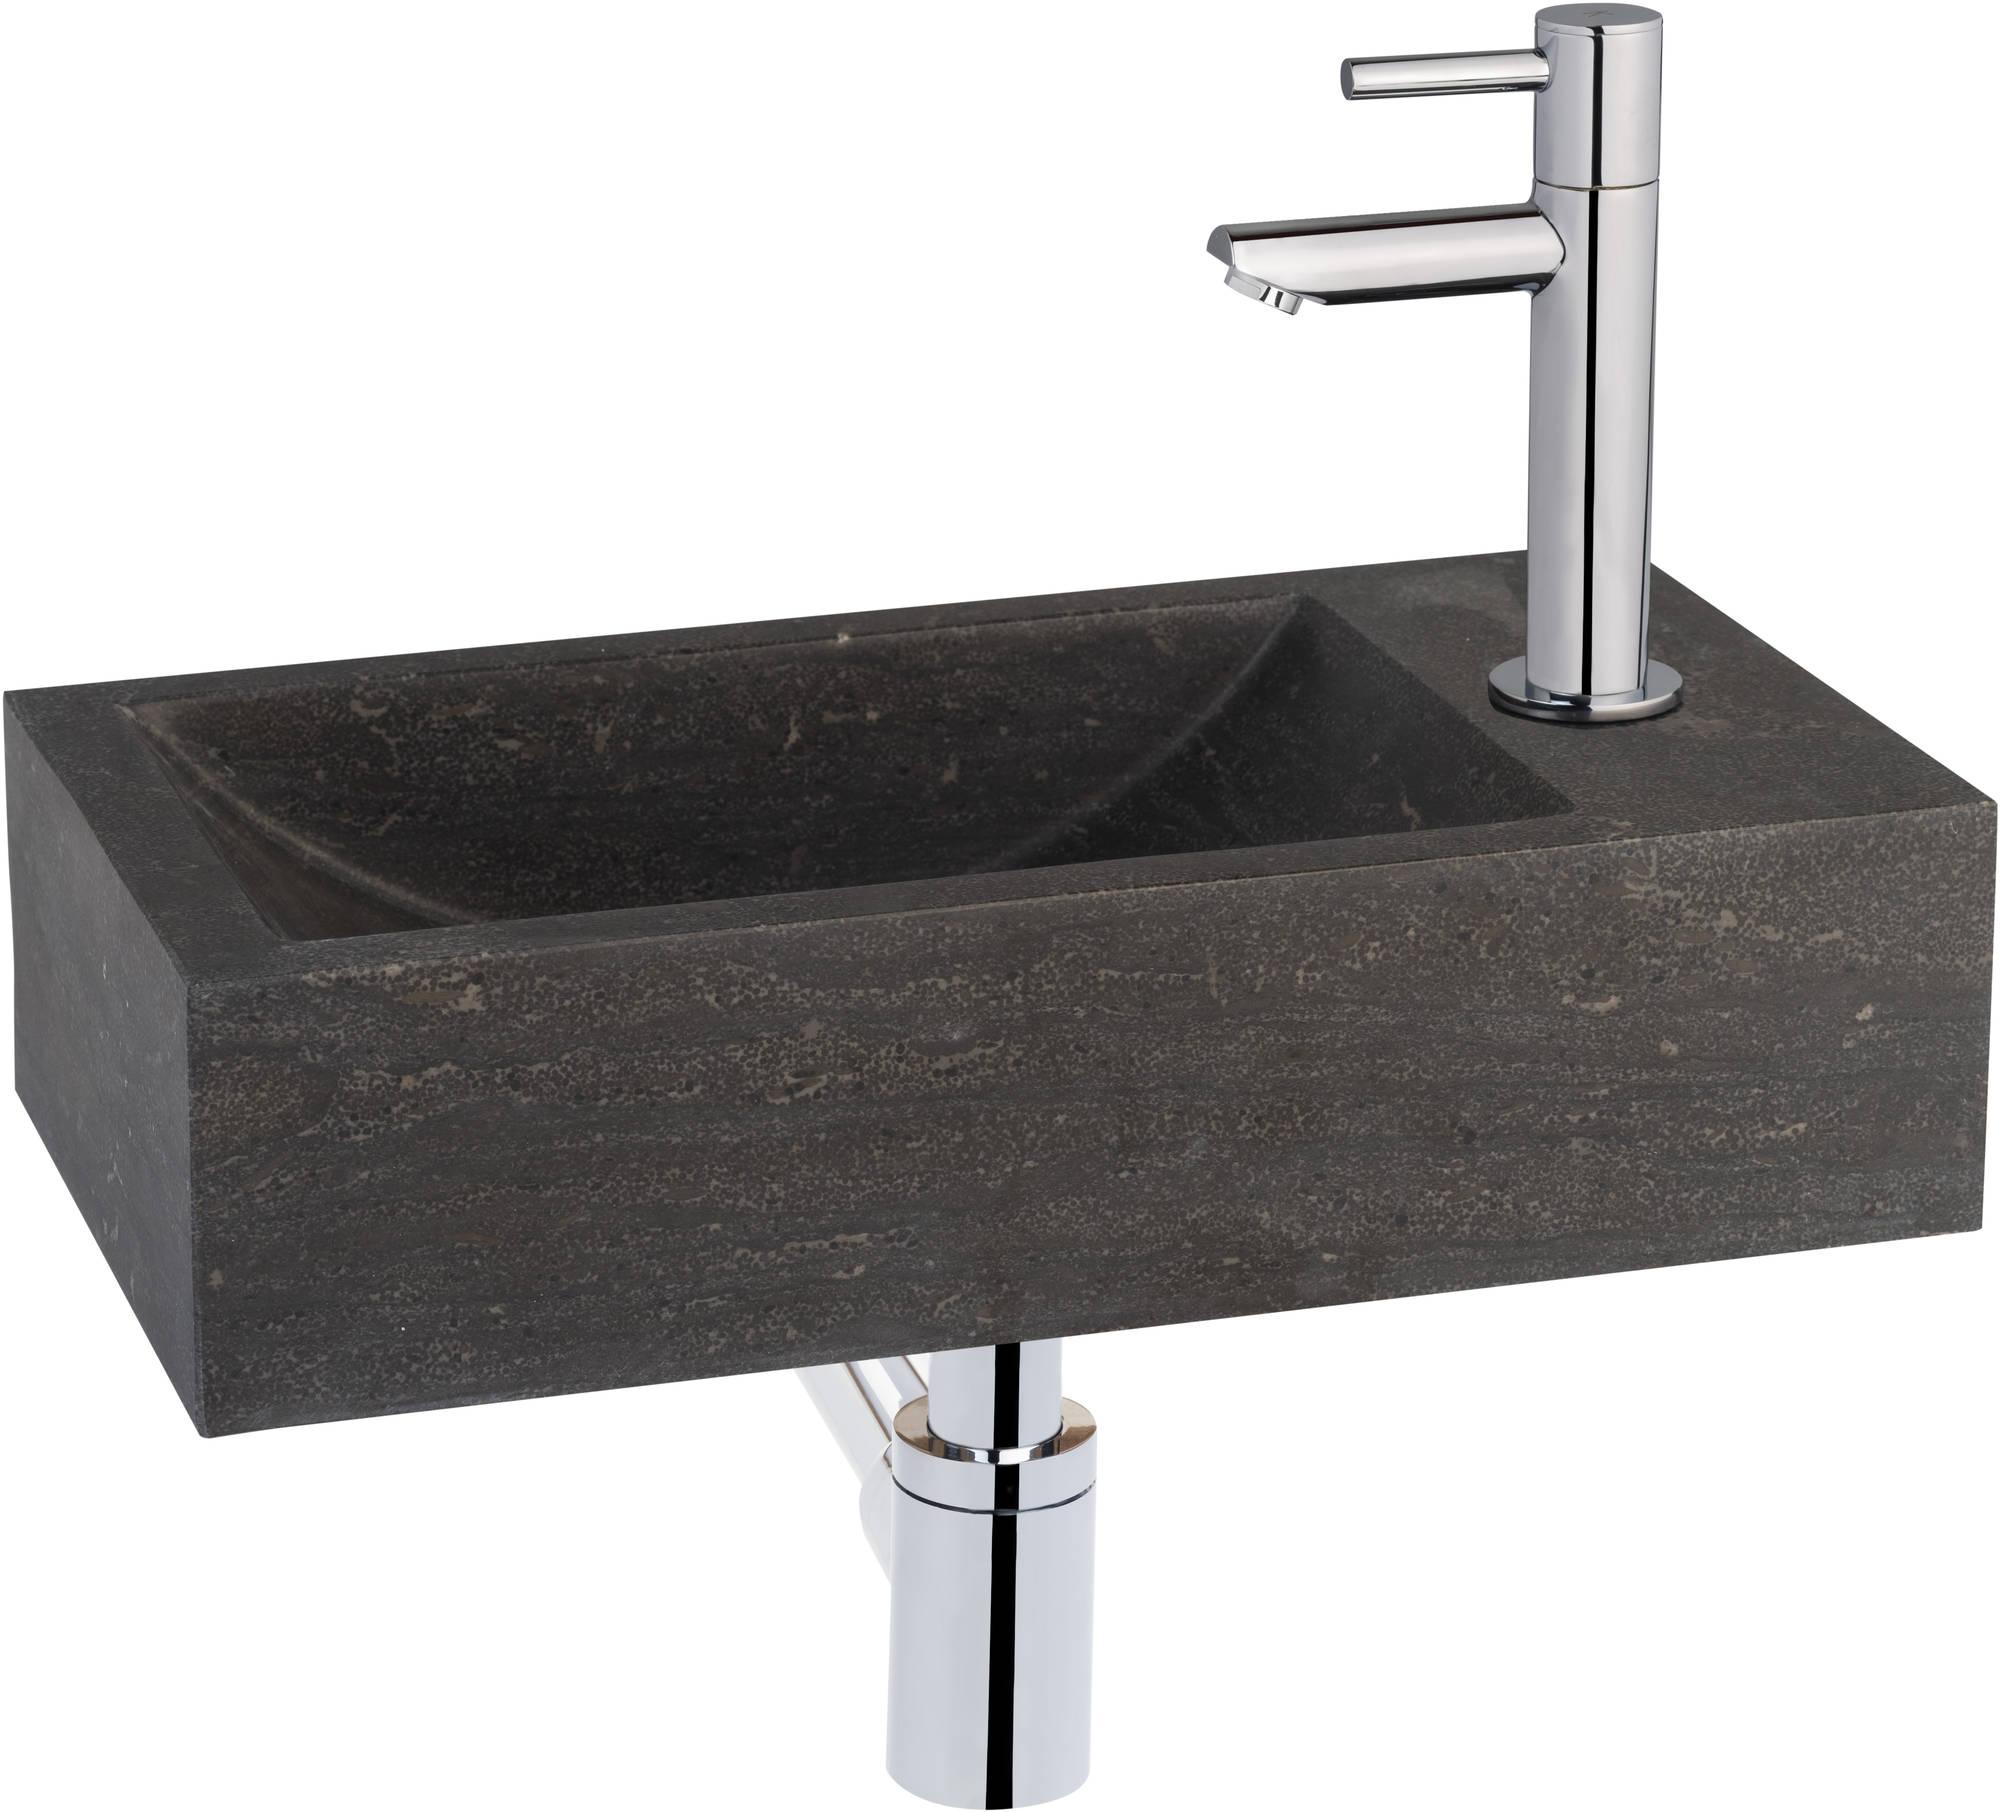 Productafbeelding van Saniselect fontein compleet rechts 40x22x10 cm Hardstenen